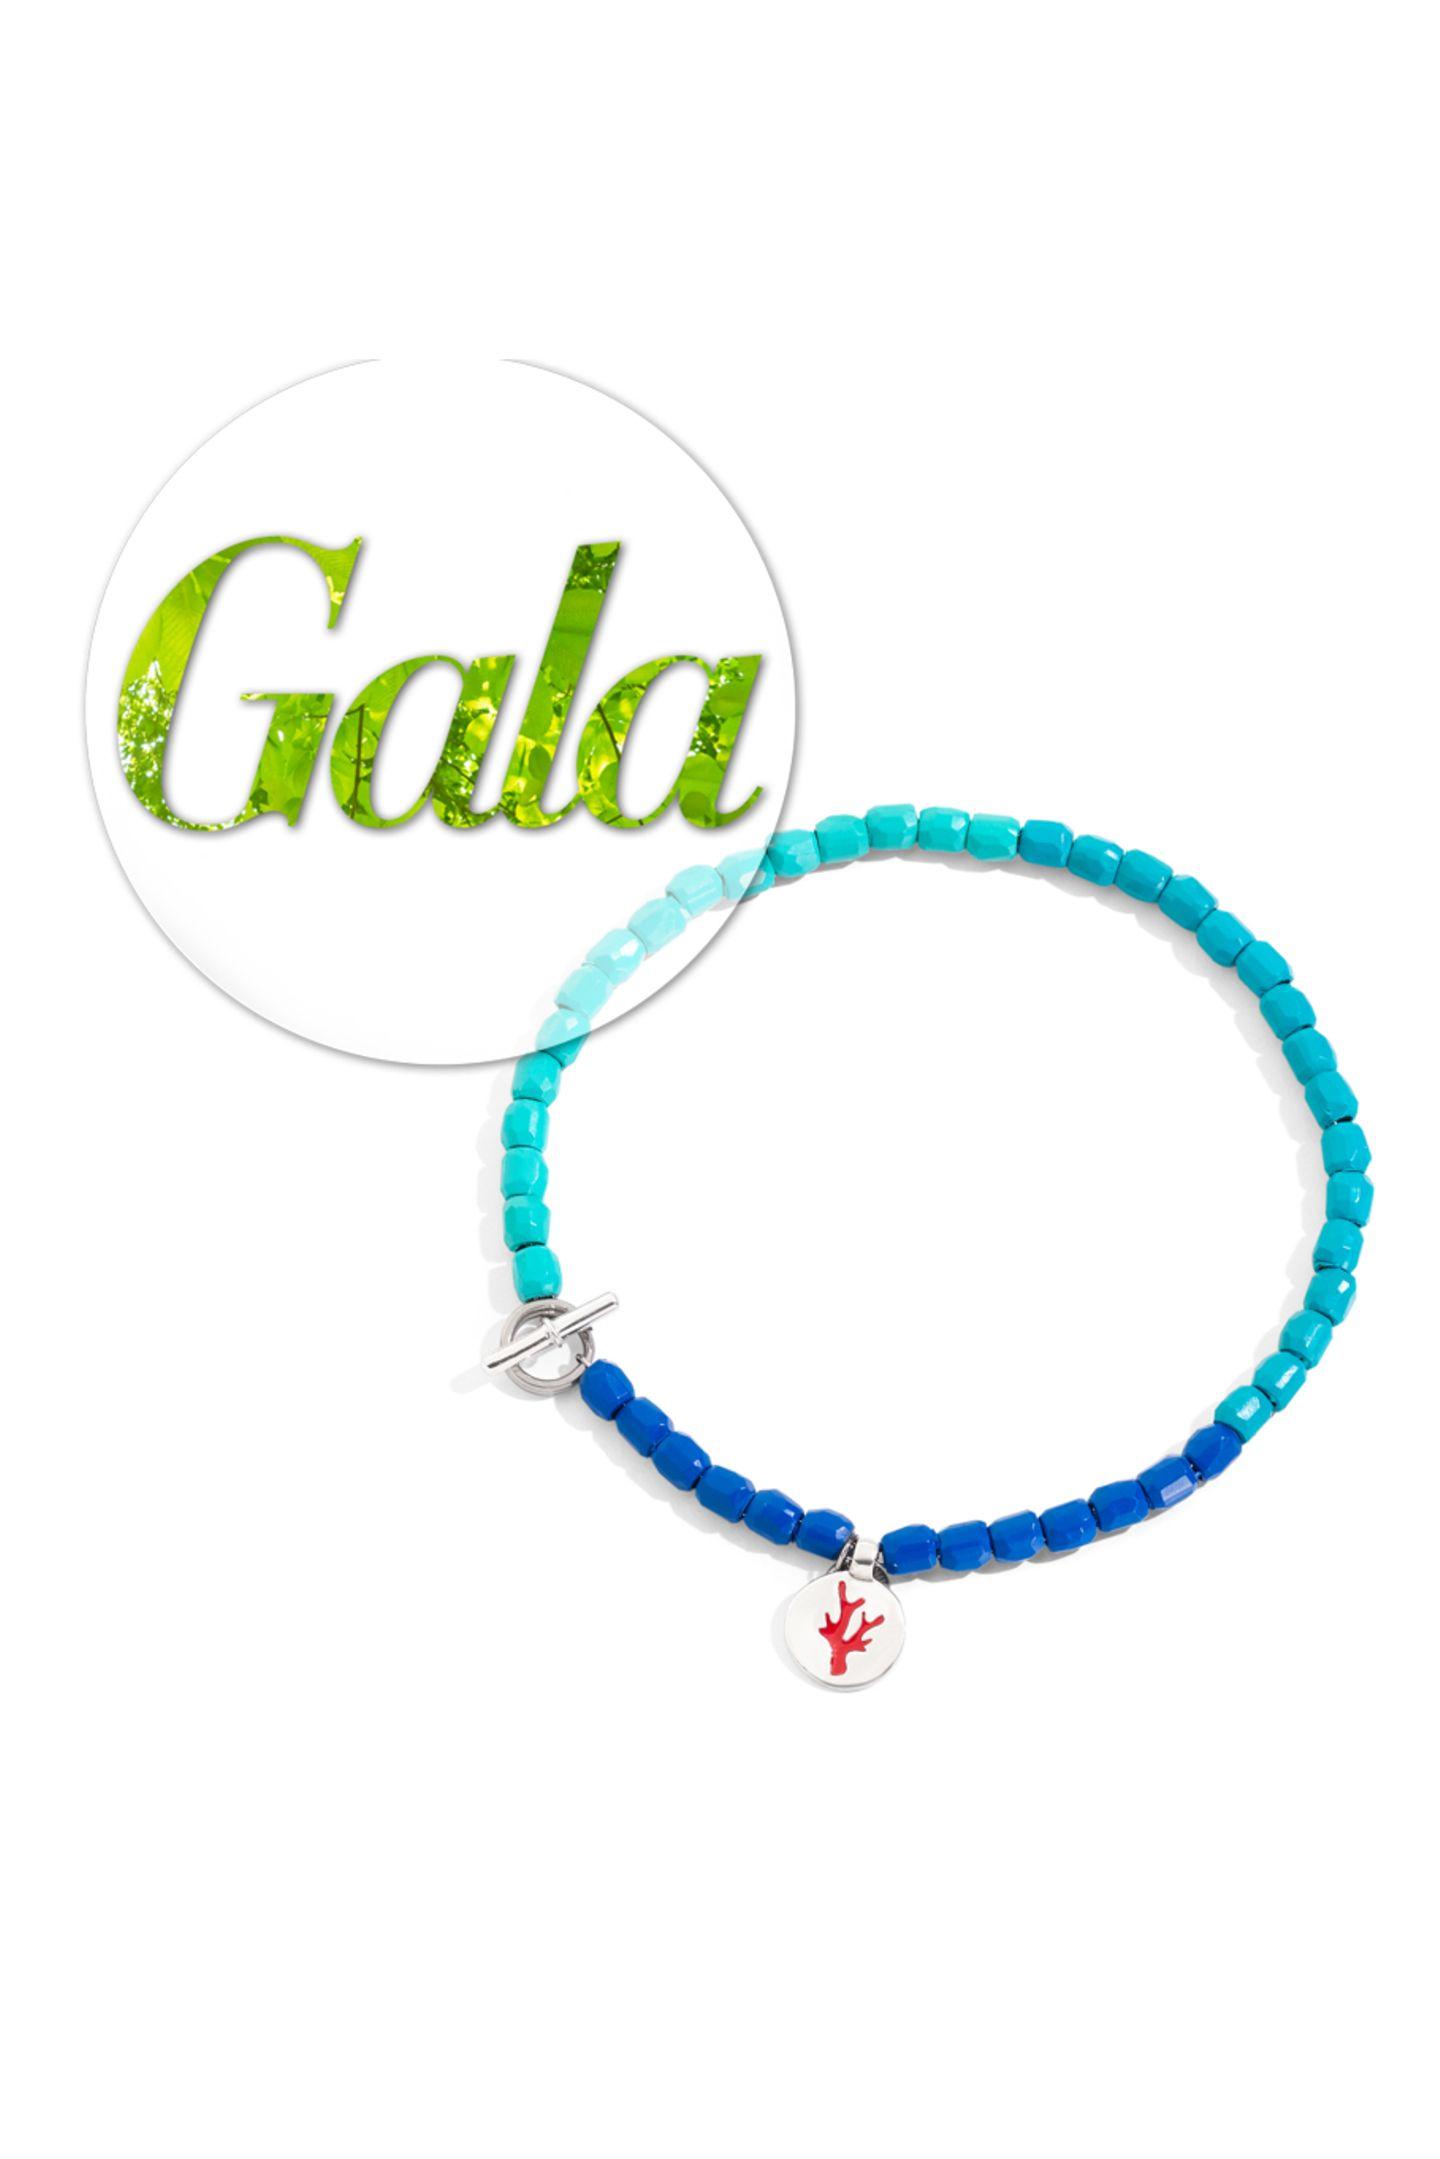 Anstatt kostbarer Materialien sind die bunten Juwelen des Tēnaka-Granelli-Armband von DoDo aus Kunststoffpolymeren gemacht, welches aus den Tiefen des Meeres gesammelt wird.Mit diesem neuen, dauerhaften Leben, das dem Kunststoffabfall verliehen wird, erstrahlen die Tēnaka-Granelli in ihrer neuen Gestalt wie der blaue Horizont, kostet 130 Euro.